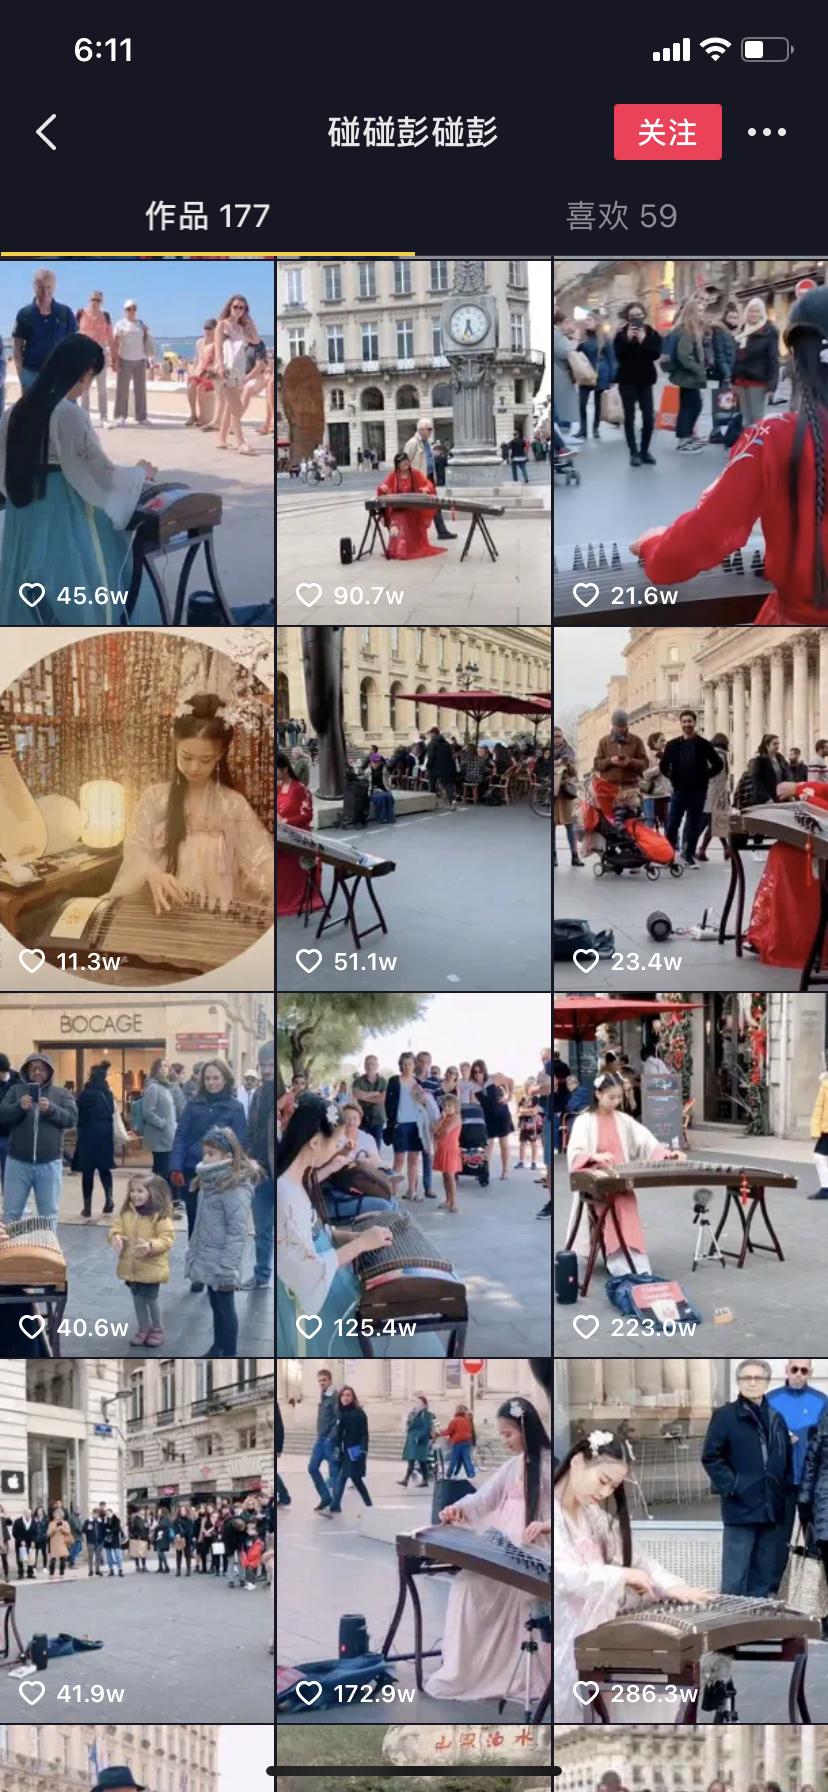 彭静旋在抖音@碰碰彭碰彭 778万粉丝,记录在法国街头中西音乐演奏